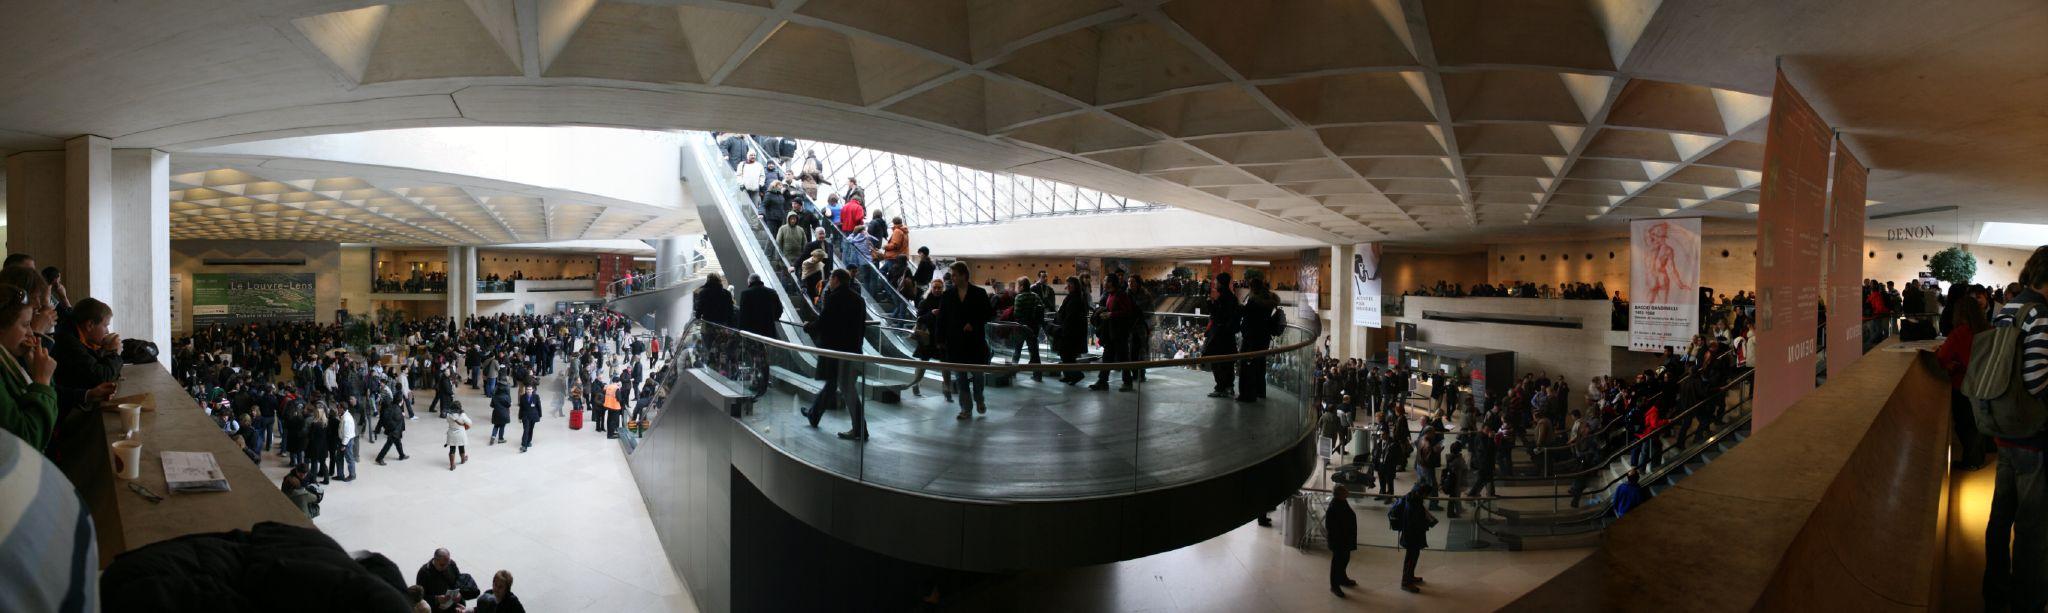 Hall Napoléon du Musée du Louvre, illustrant l'essor de l'industrie de la culture en France